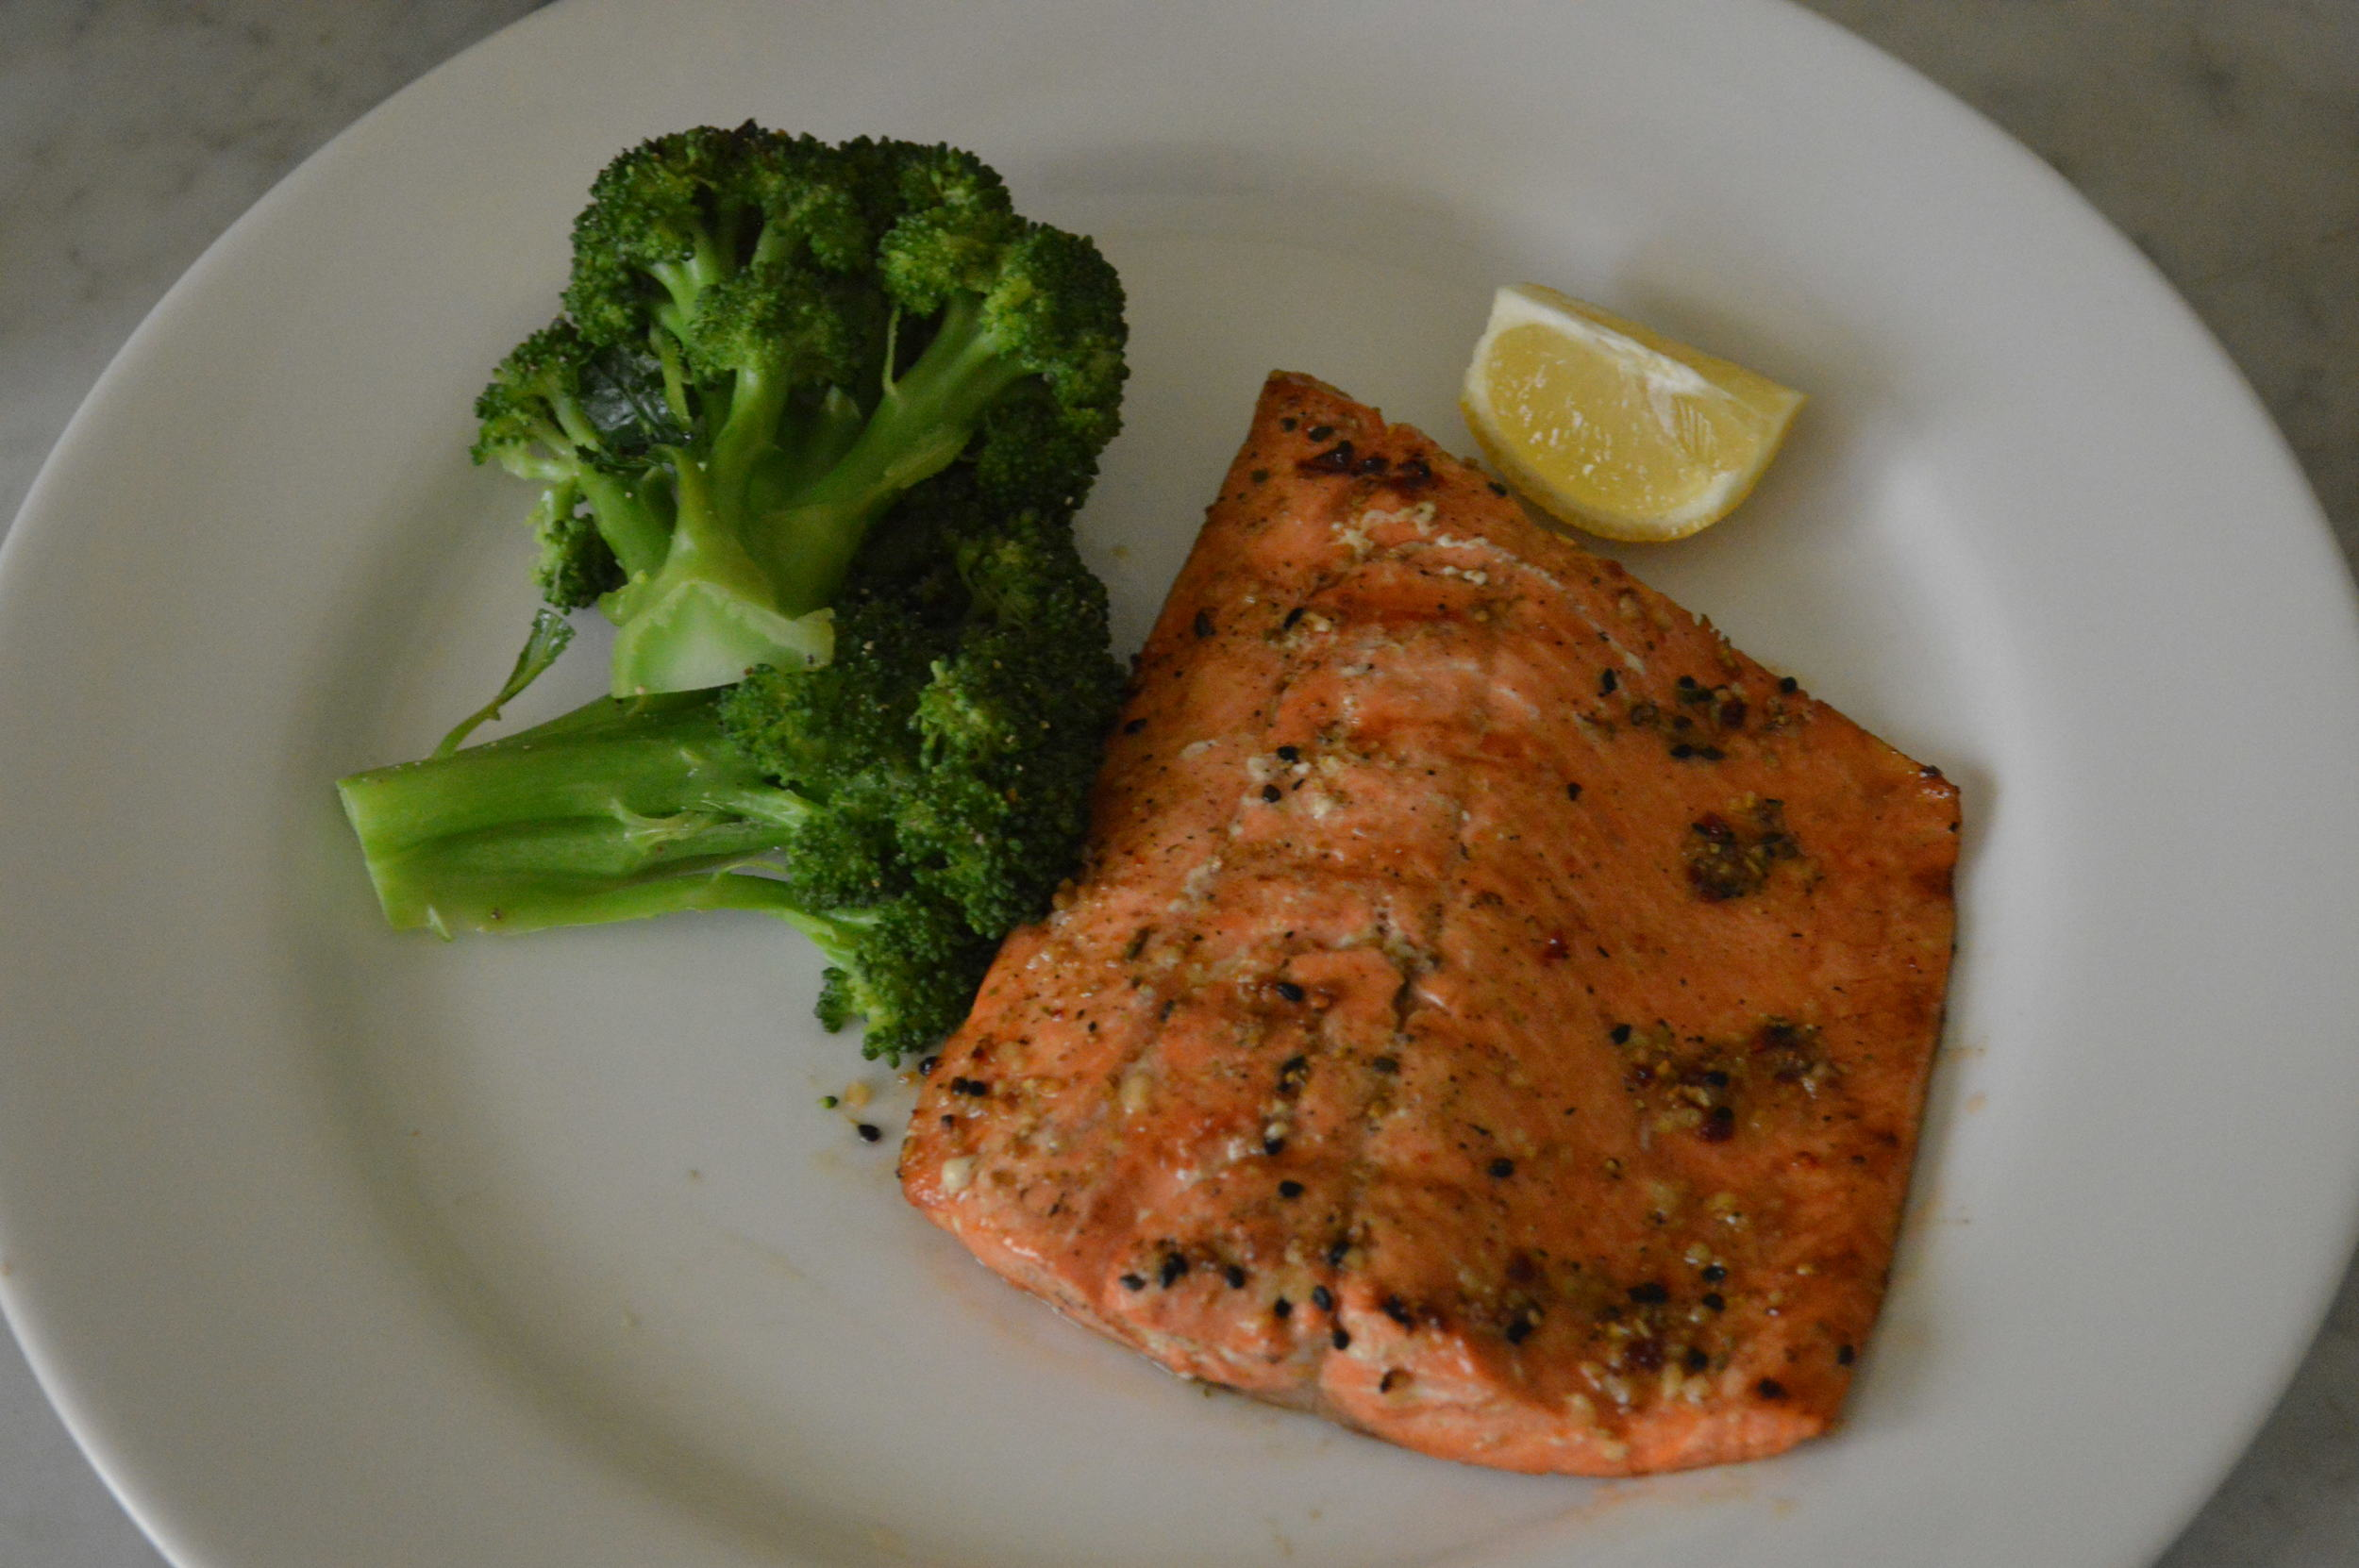 salmon + broccoli